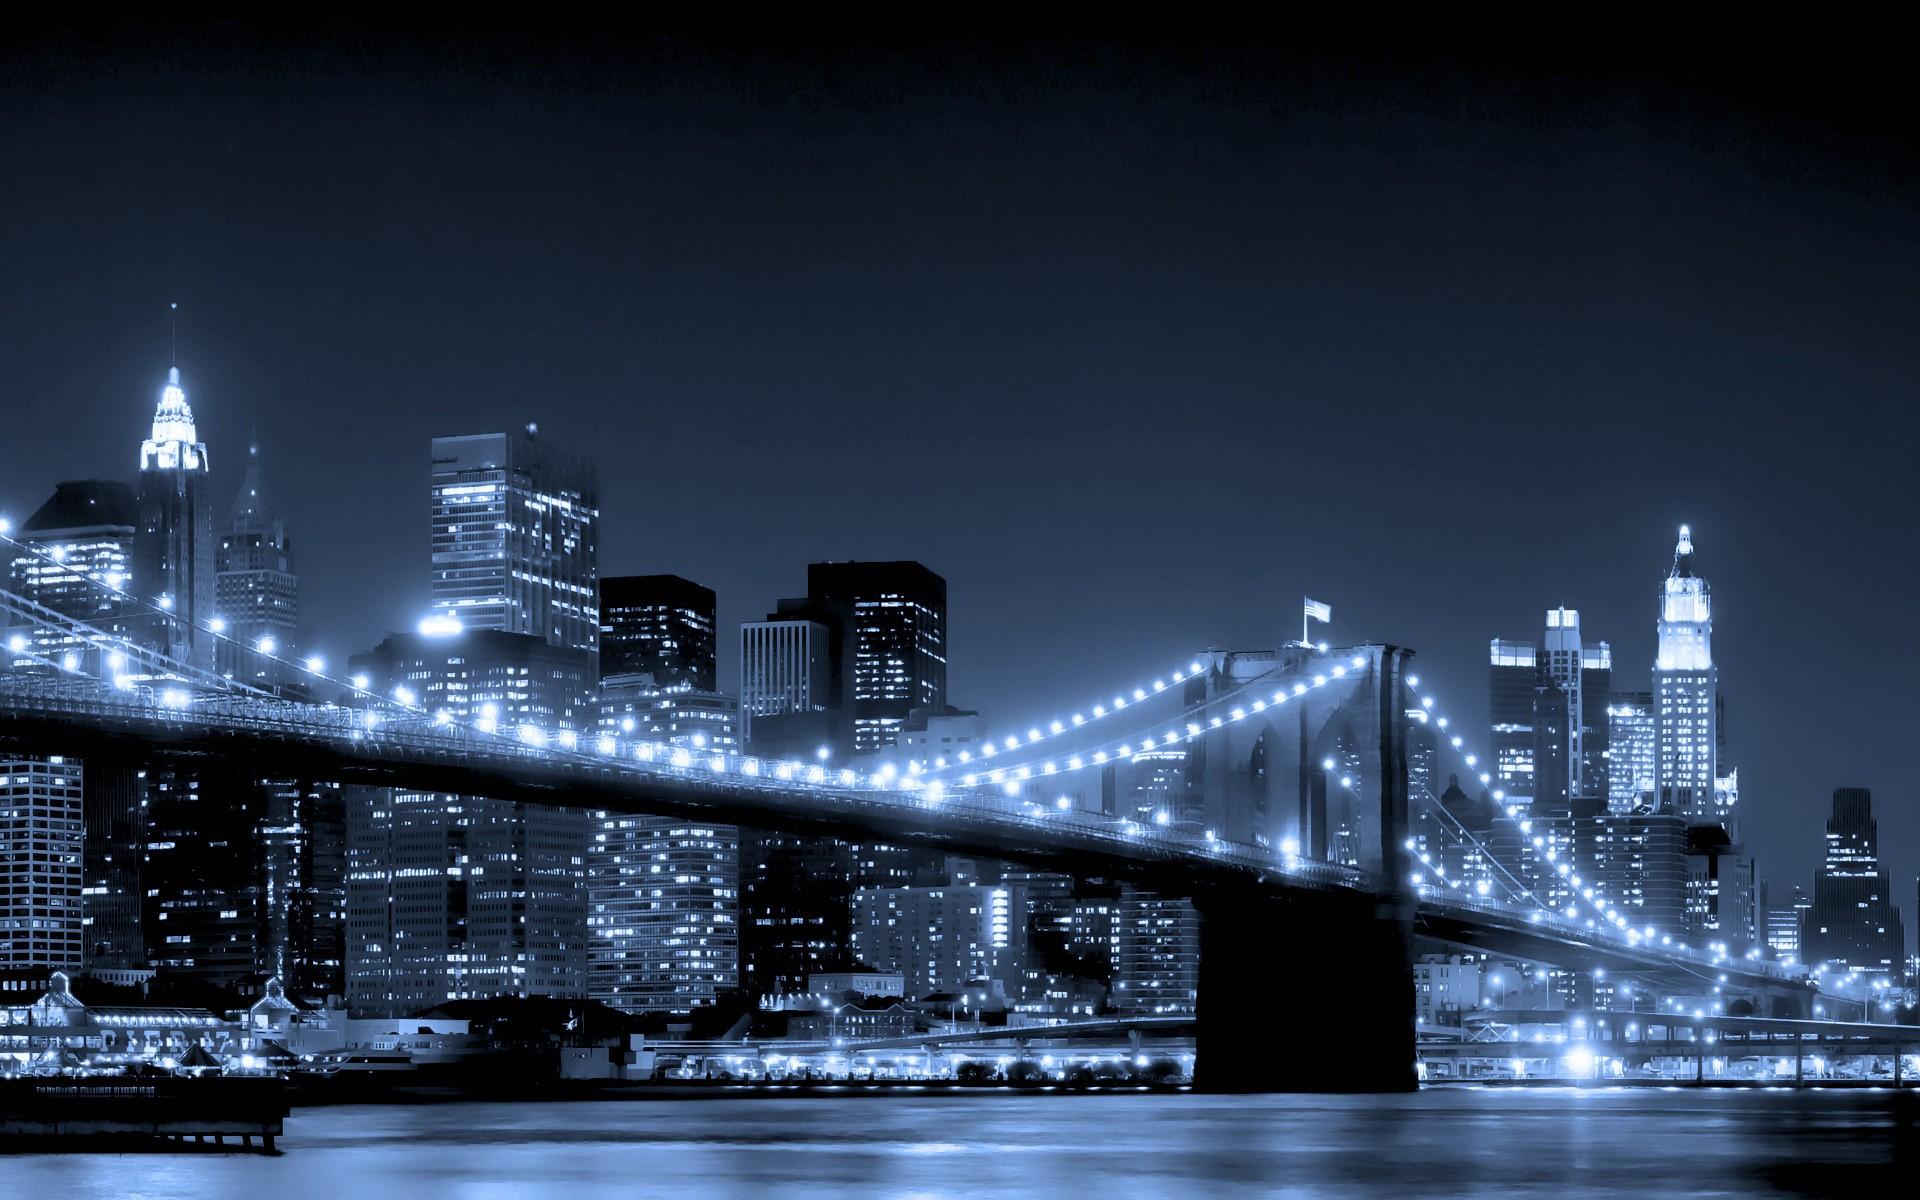 Картинки ночной город на рабочий стол, лето картинки анимация